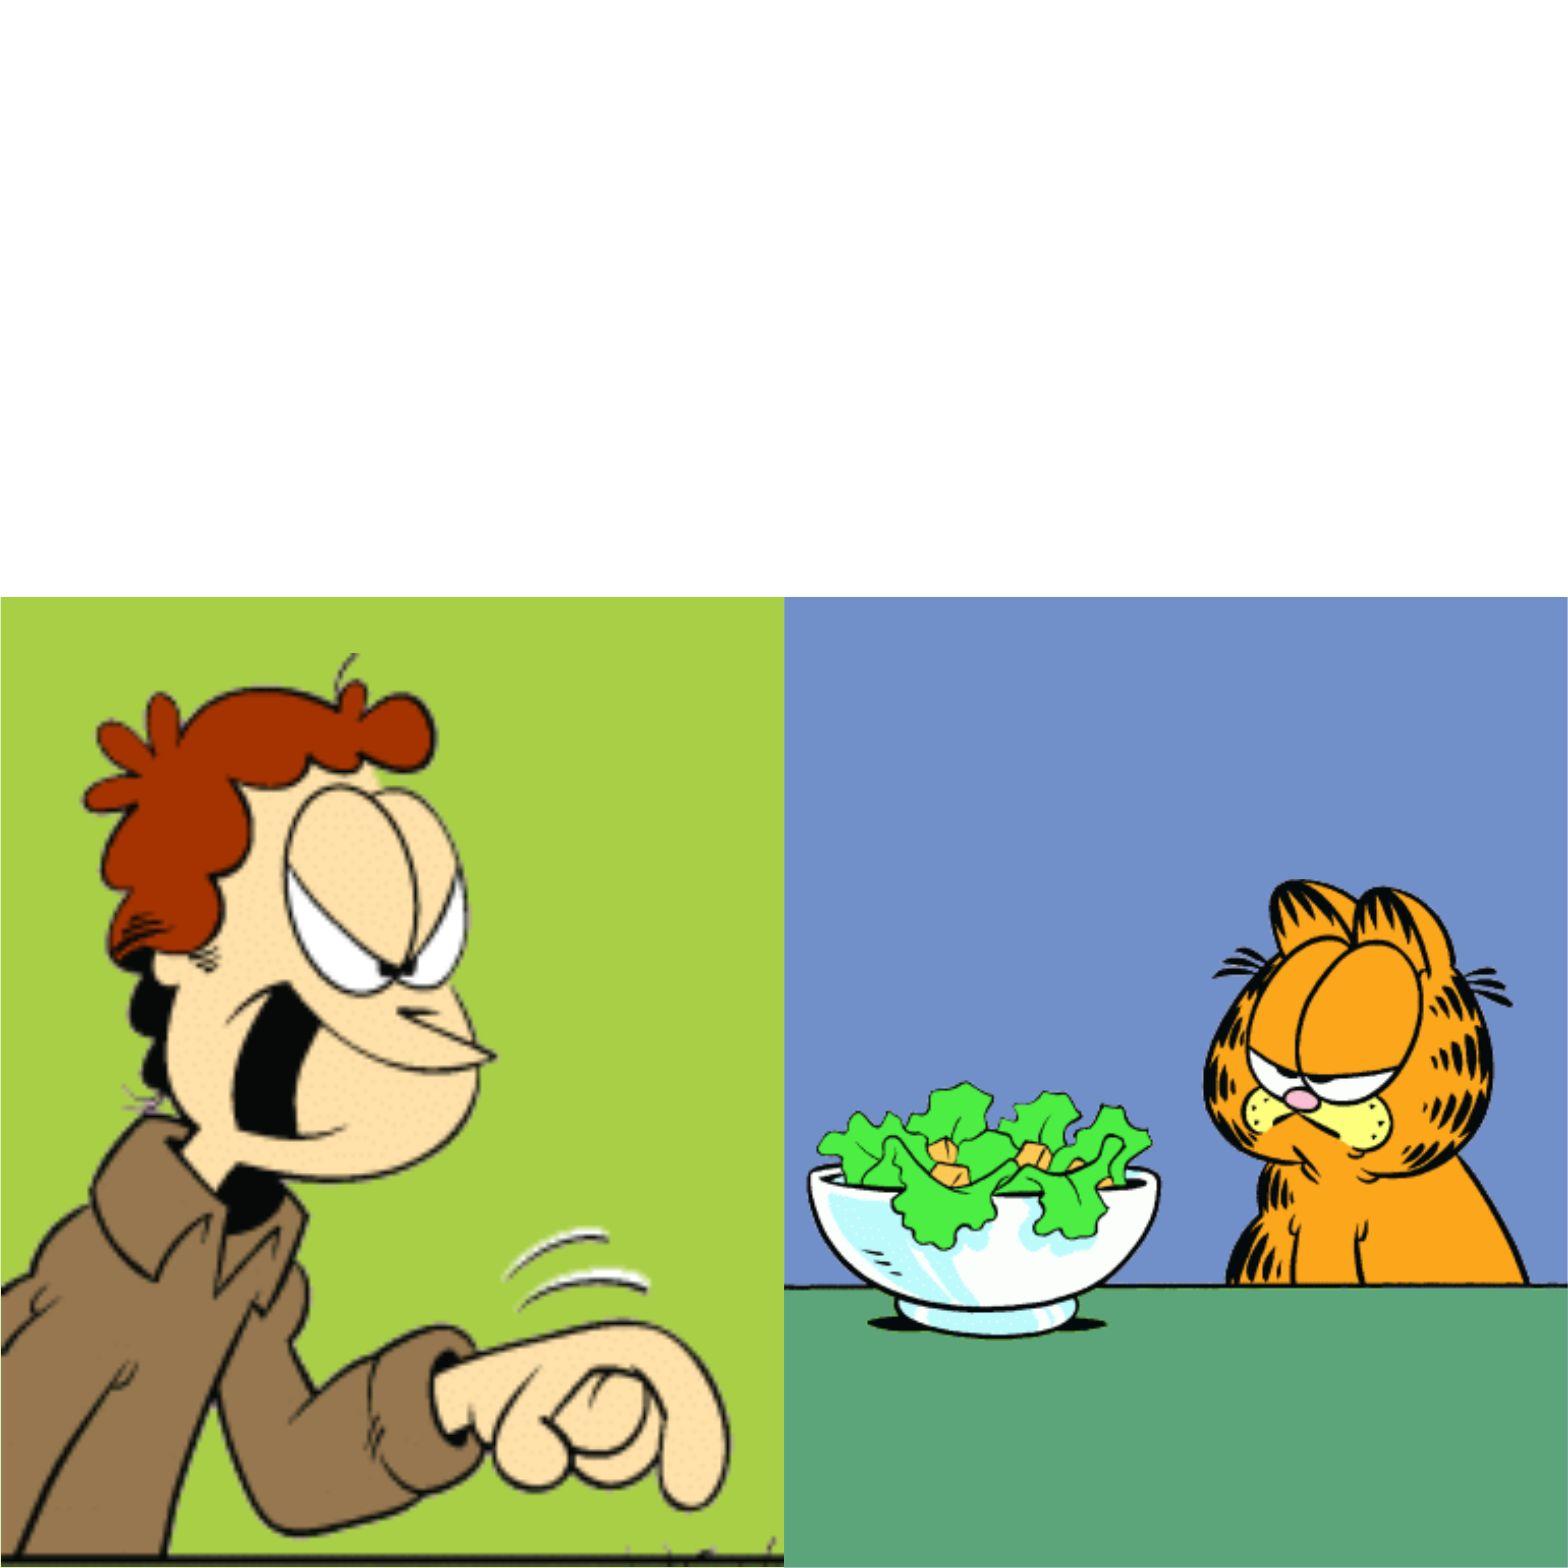 Jon Yelling Garfield Blank Template Imgflip